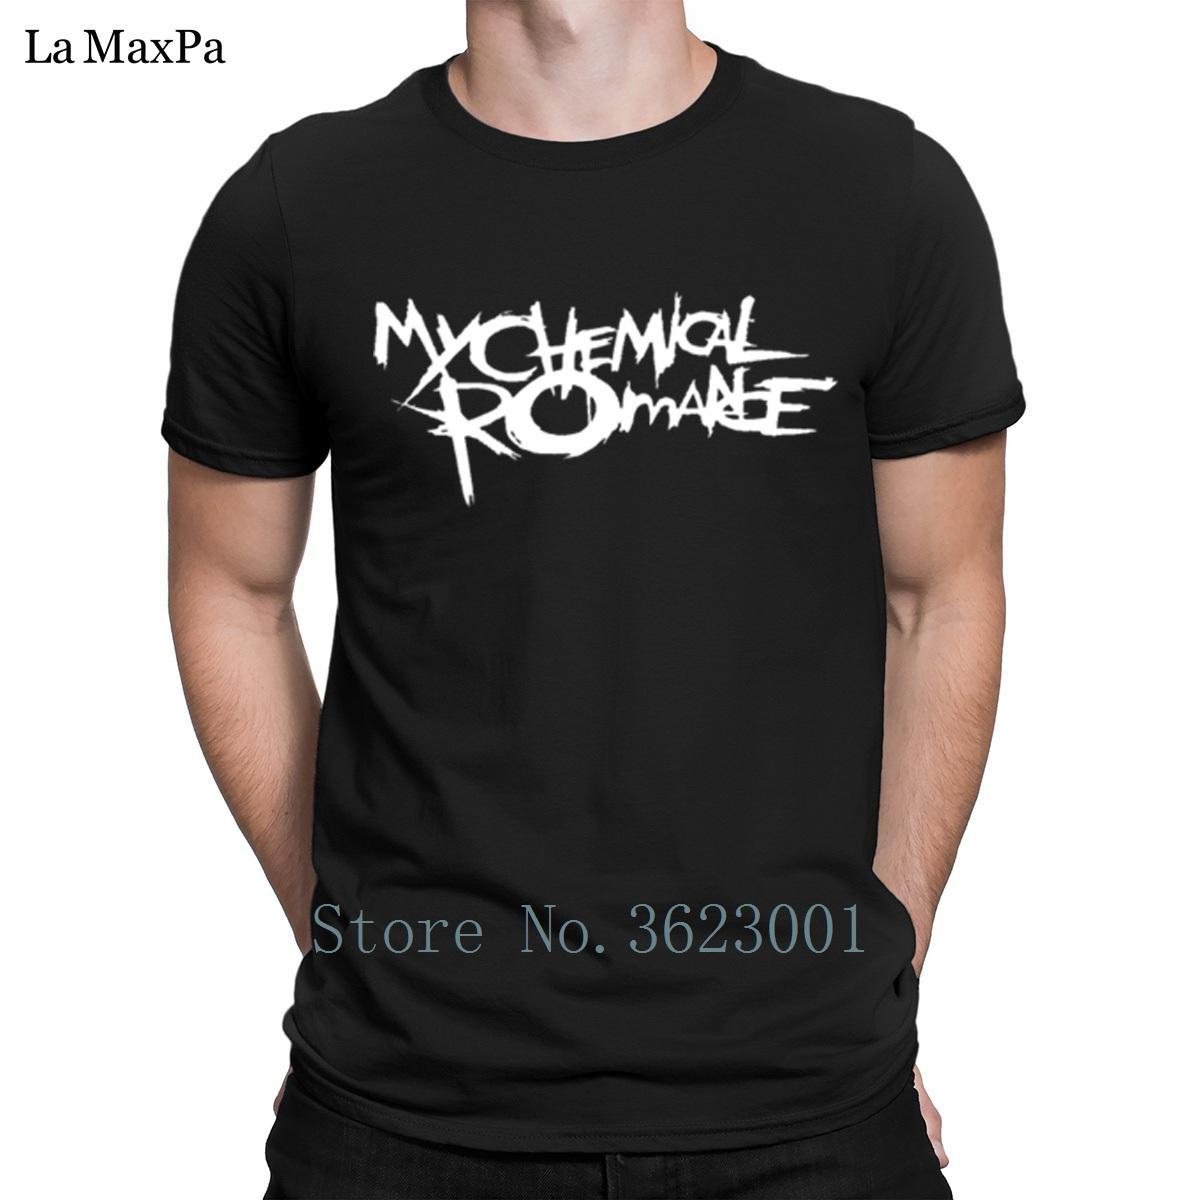 Diseña la camiseta de manga corta T-T estándar Camisa color sólido Chemical Romance Hombres básica de la camiseta enrrollada de los hombres de la camisa anti-arrugas